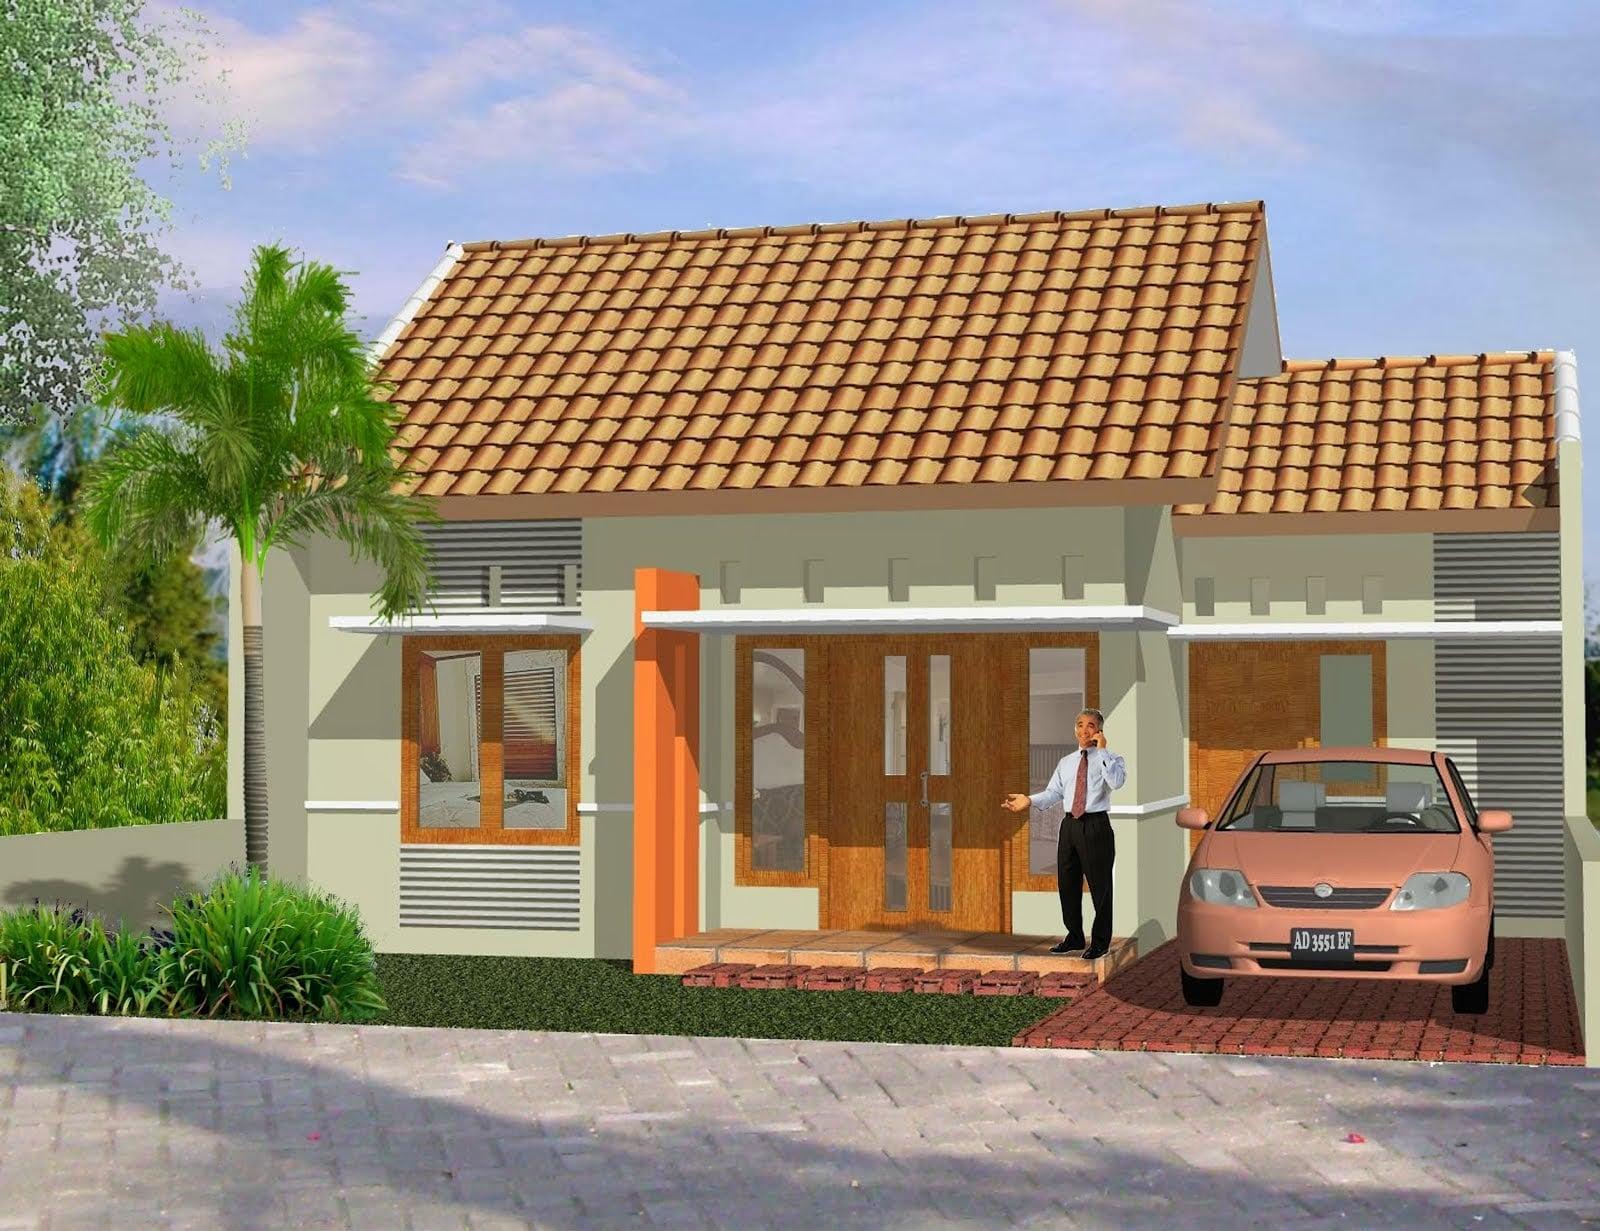 Wow Desain Rumah Sederhana Orang Barat 30 Menciptakan Ide Merancang Interior Rumah oleh Desain Rumah Sederhana Orang Barat